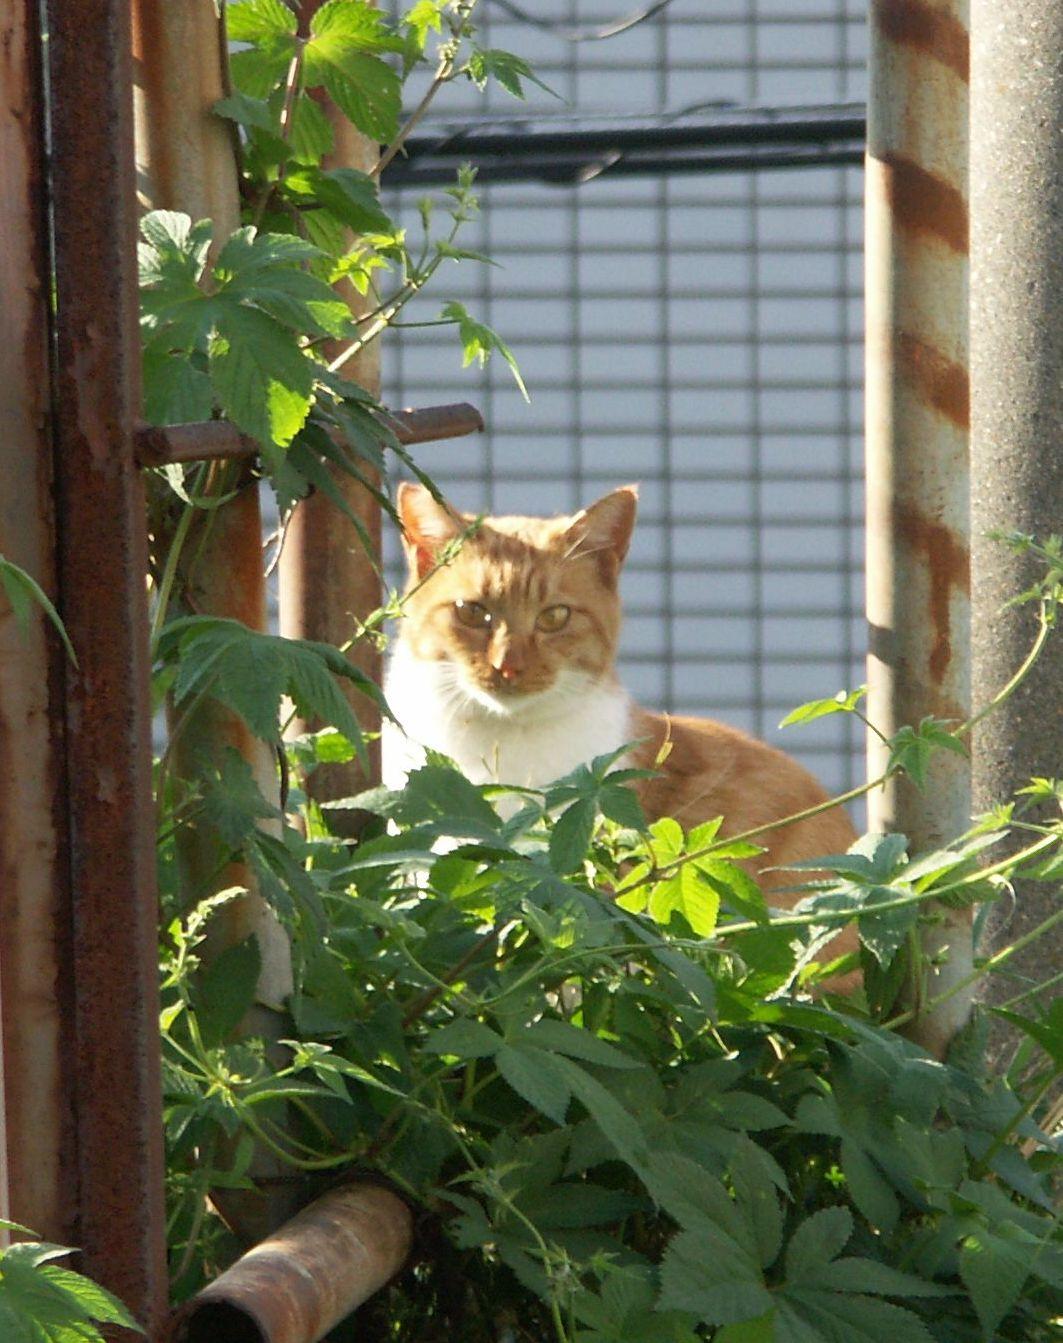 虐待事件に地域の注意を 切断された猫のしっぽを発見